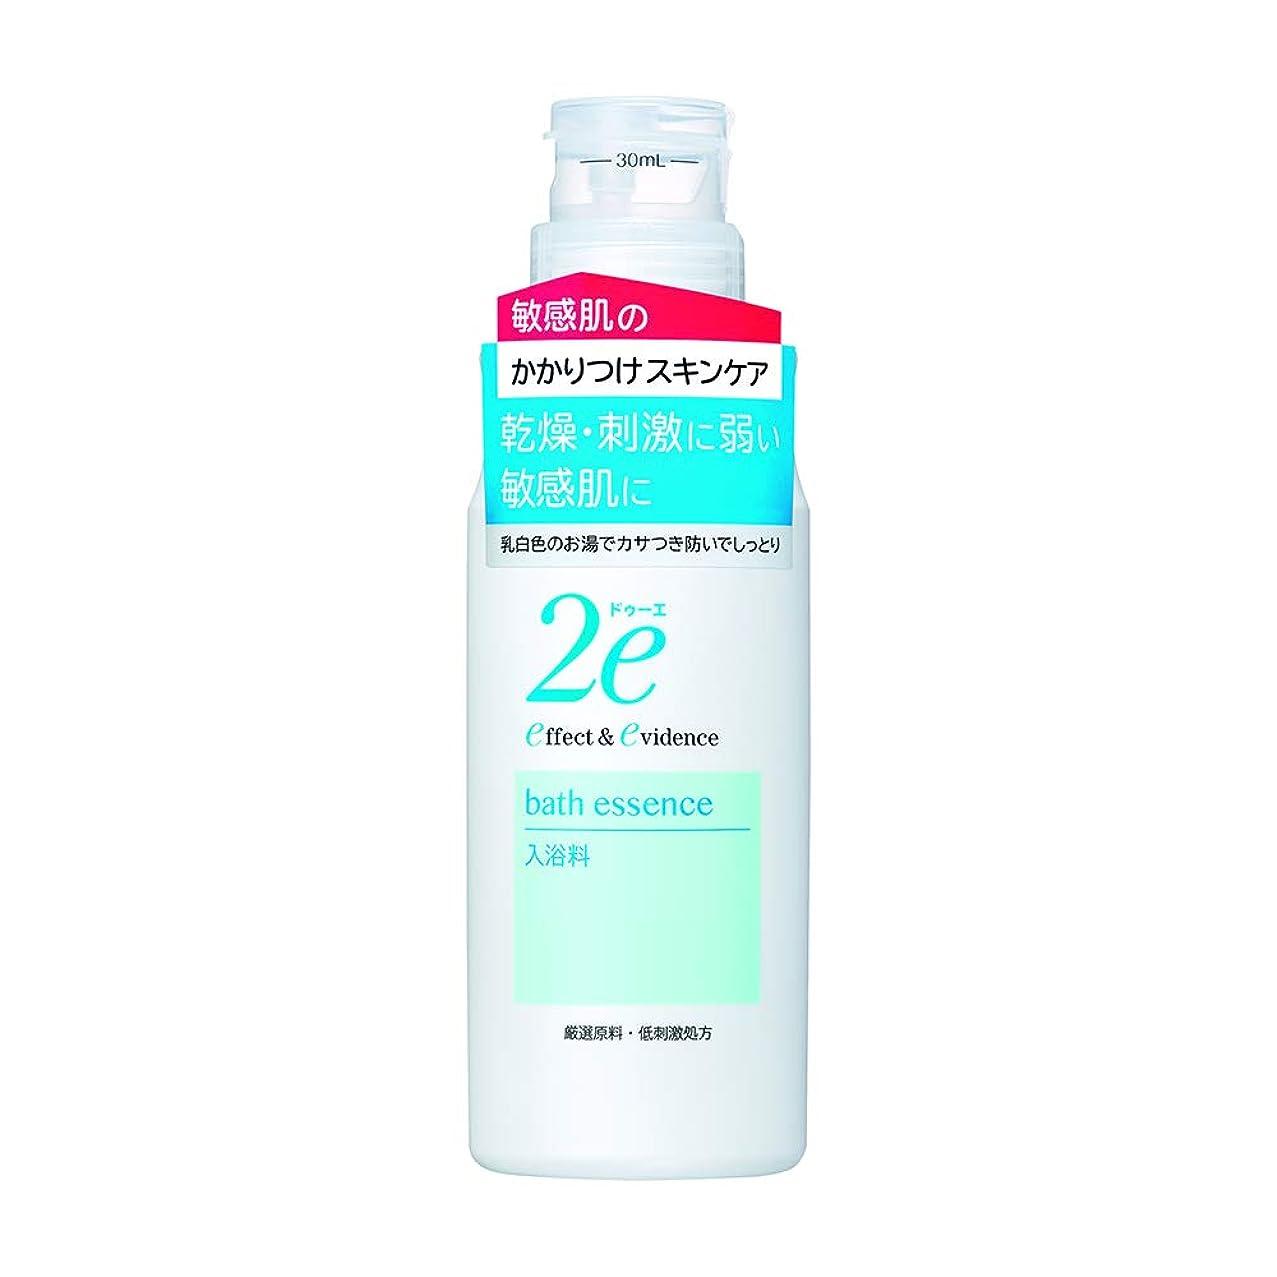 化合物信頼性自殺2e(ドゥーエ) ドゥーエ 入浴料 入浴剤 420ml